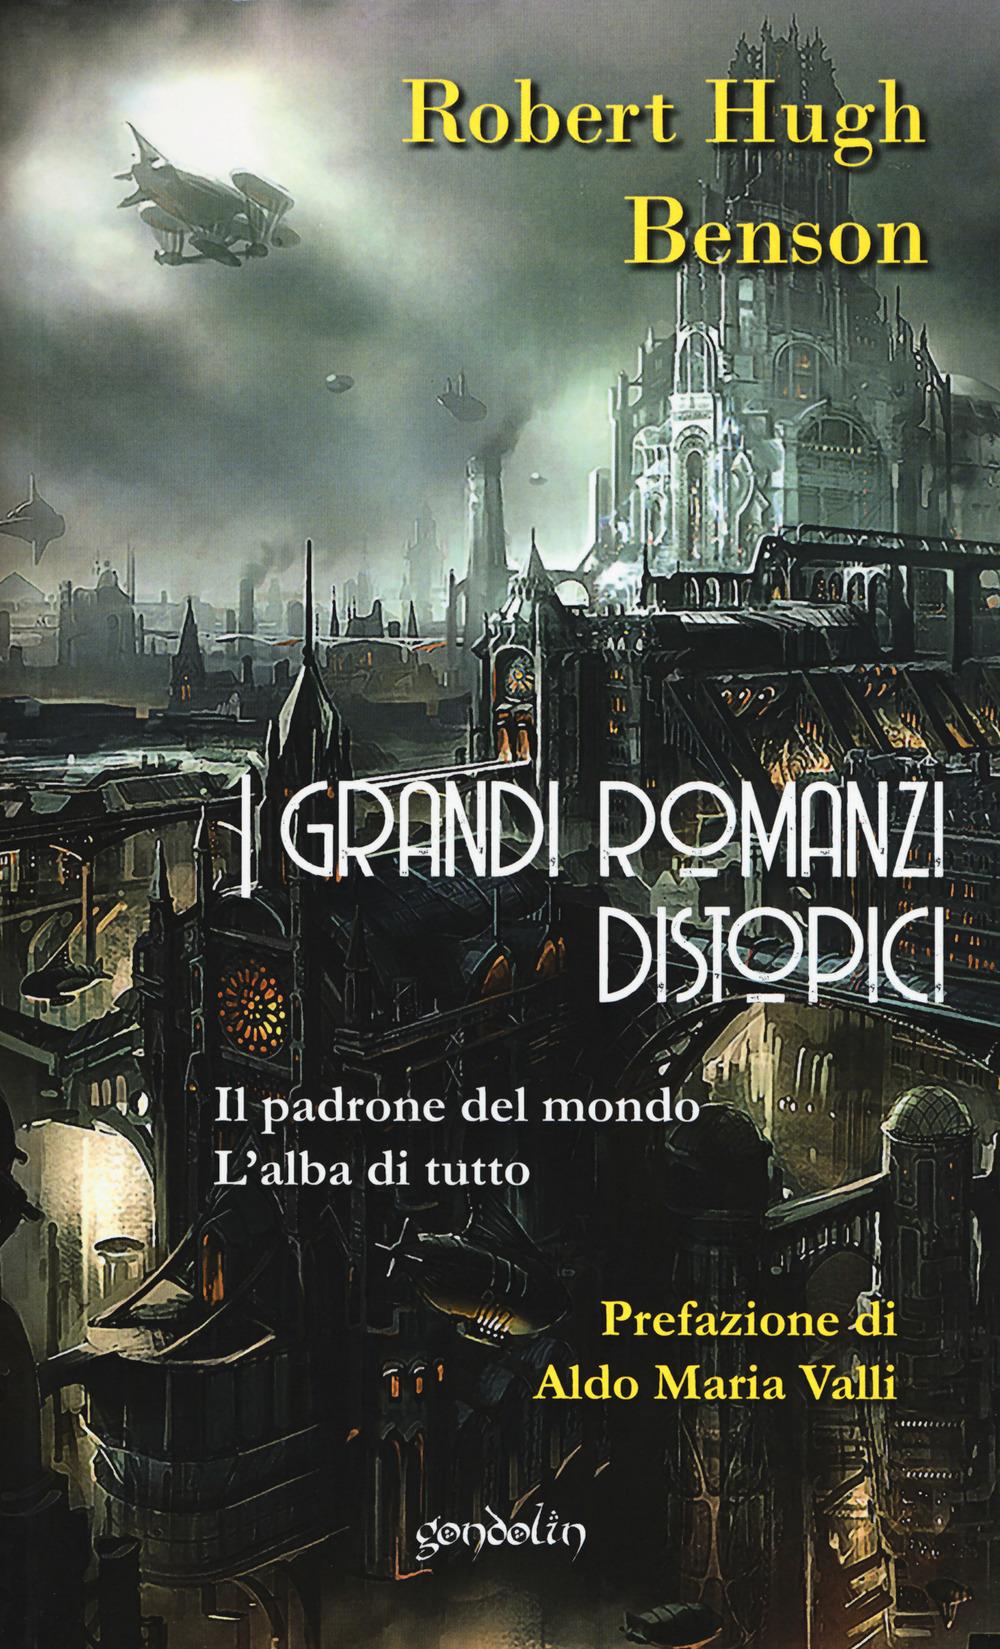 GRANDI ROMANZI DISTOPICI. IL PADRONE DEL MONDO-L'ALBA DI TUTTO (I) - 9788898647514